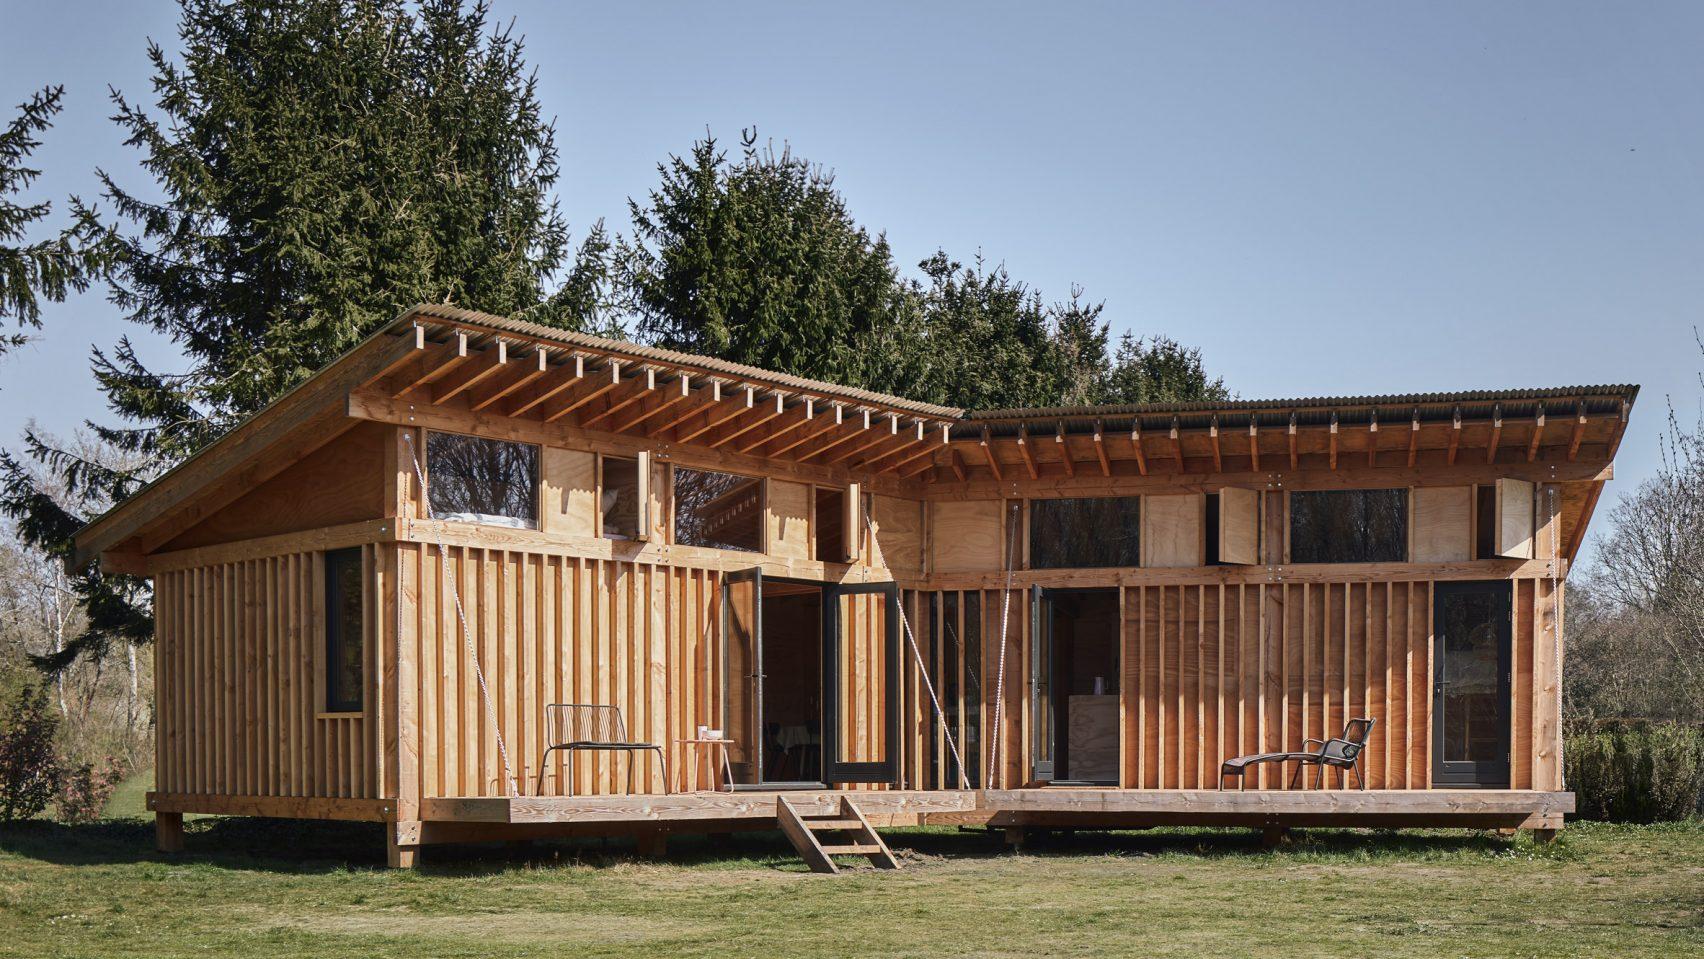 Mẫu nhà gỗ nhỏ đẹp